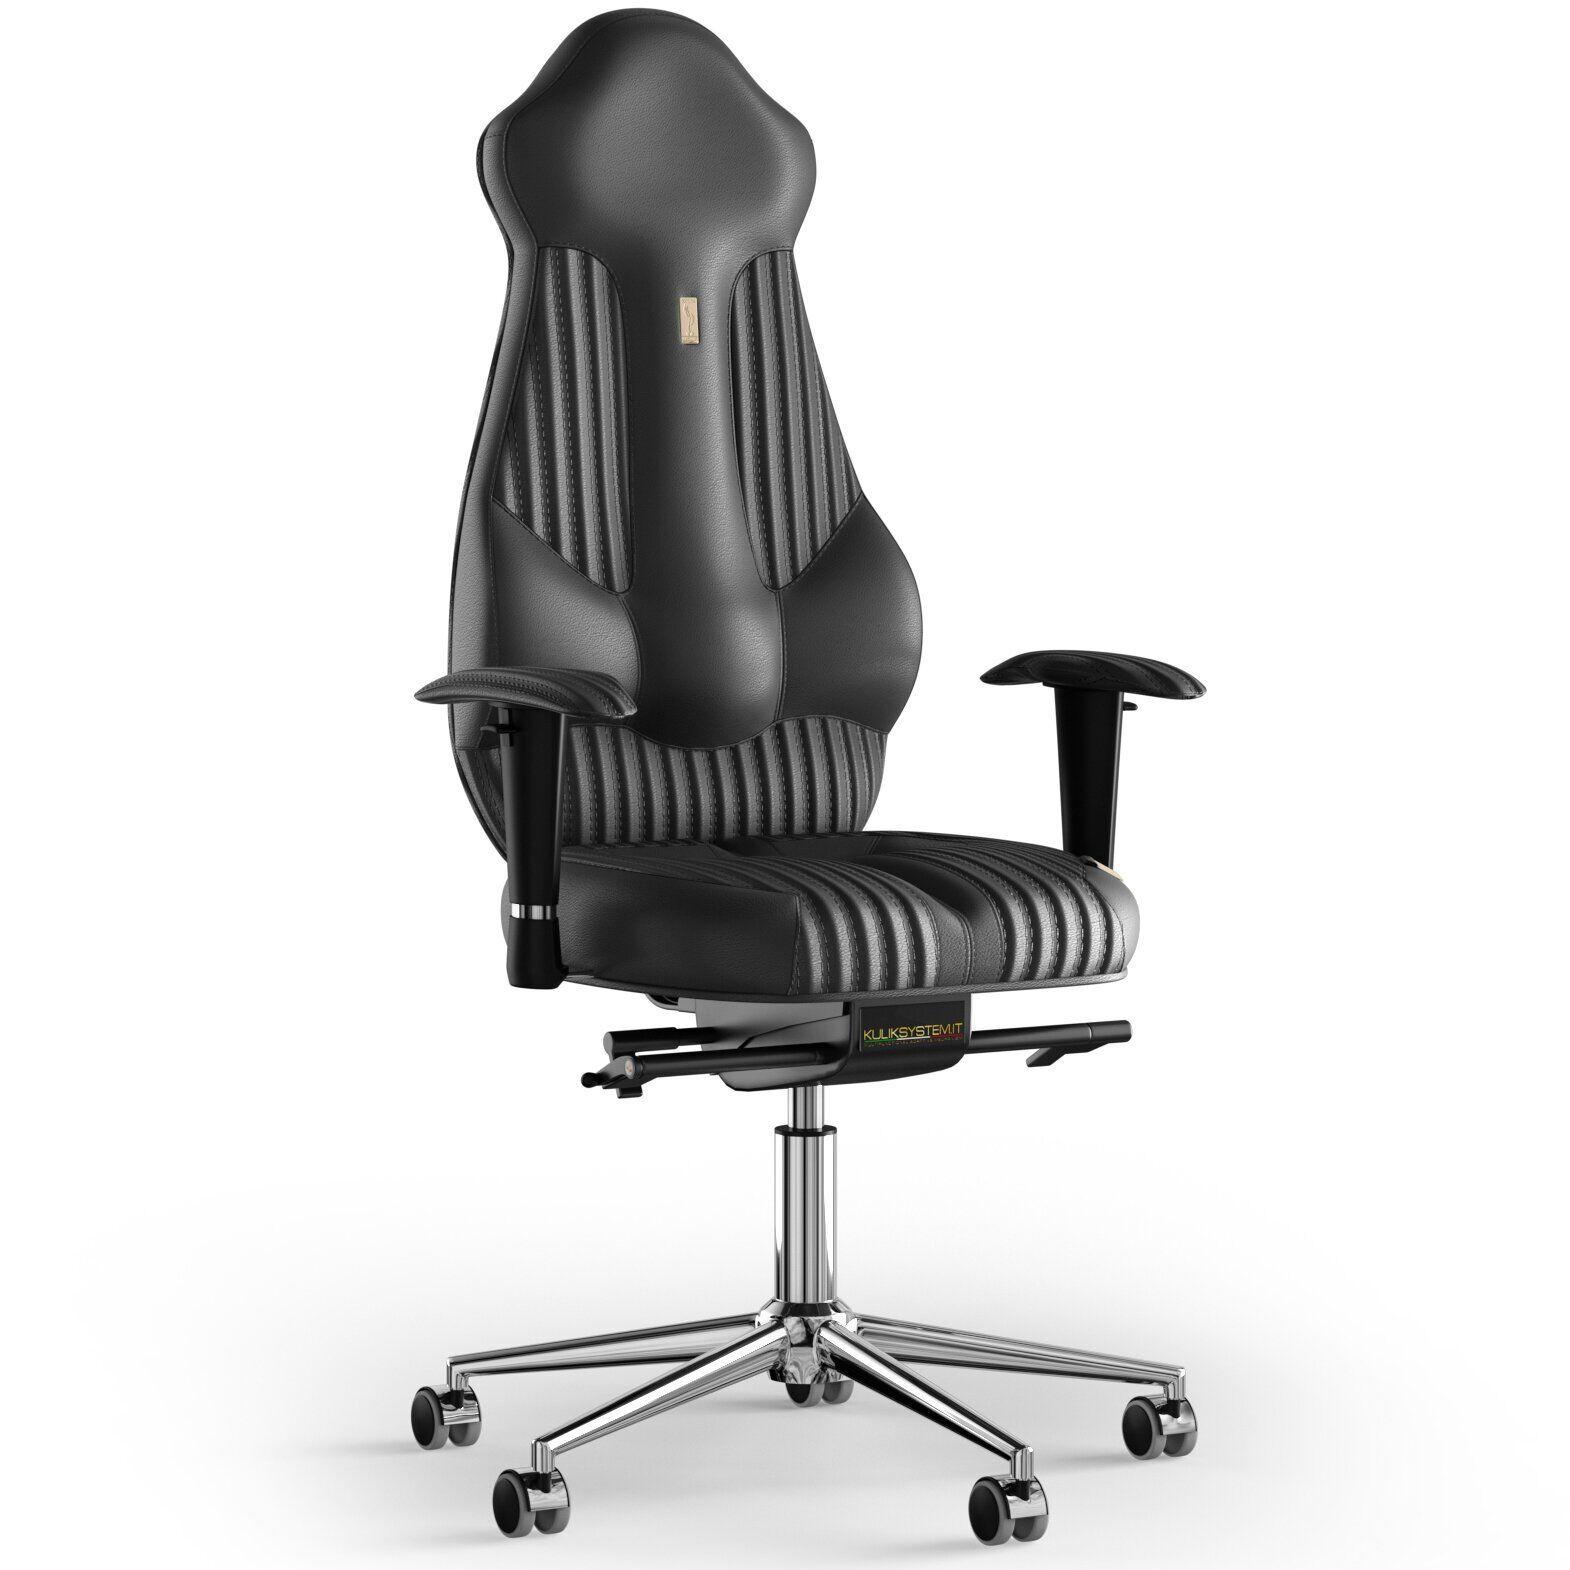 Кресло KULIK SYSTEM IMPERIAL Кожа с подголовником со строчкой